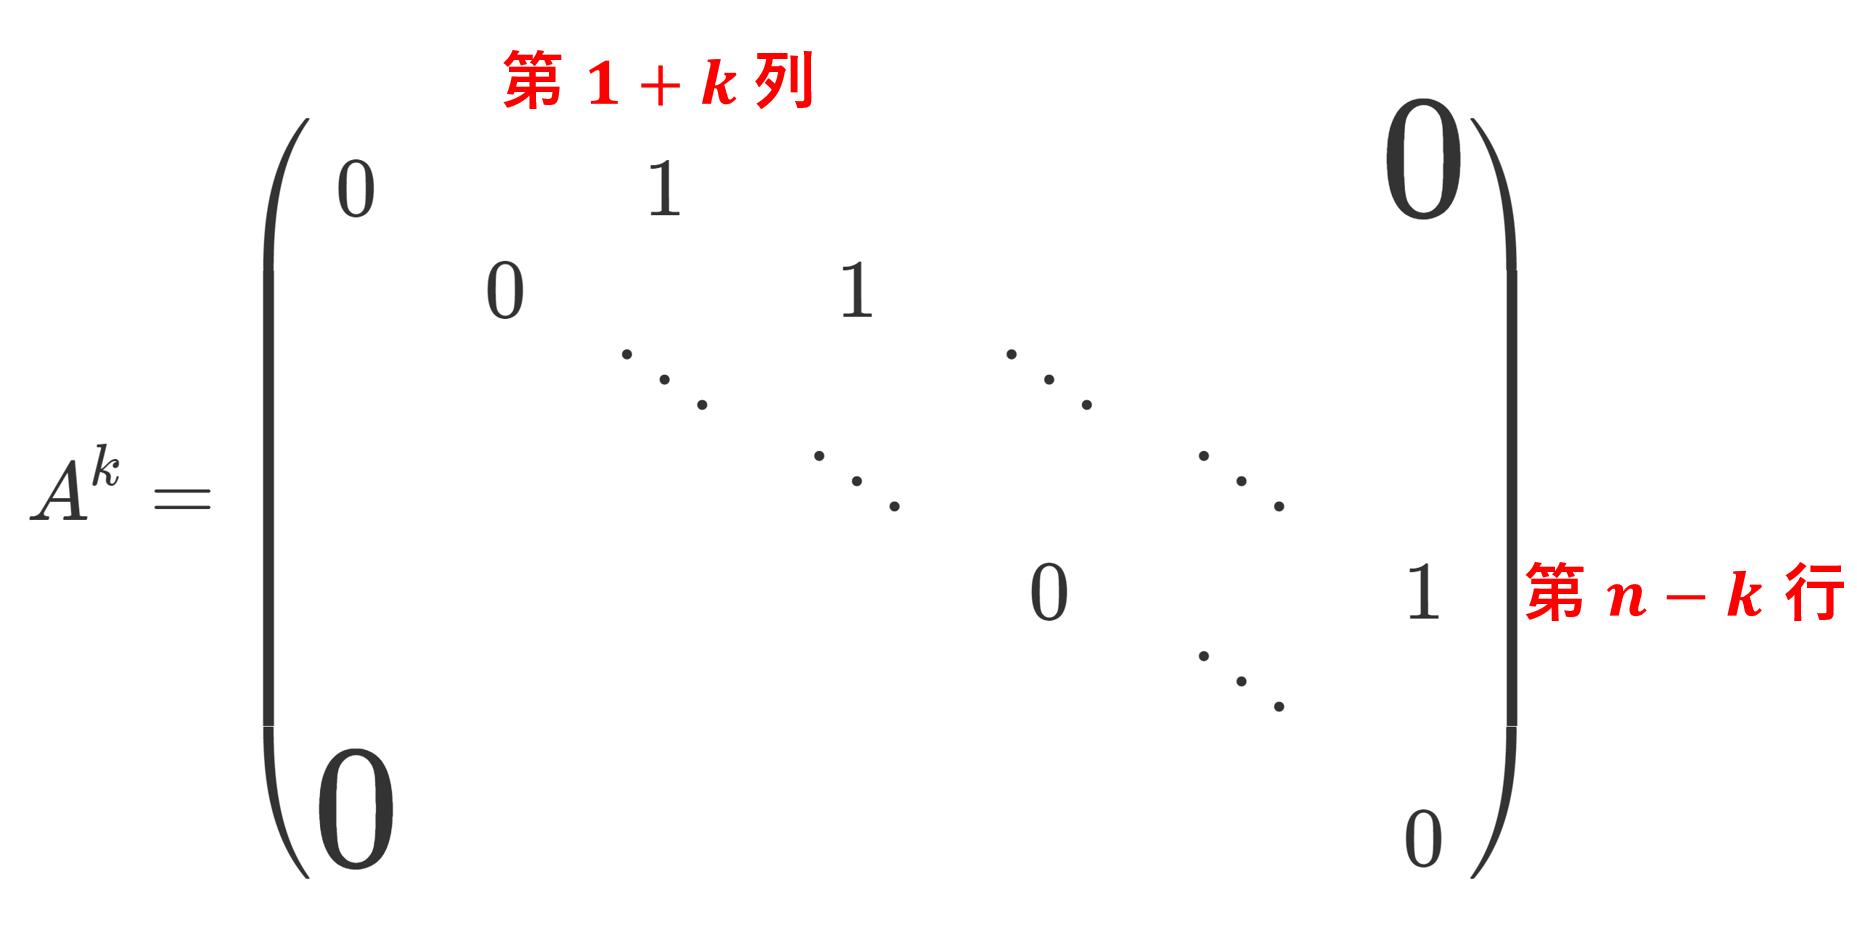 べき零行列の定義・例・性質7つとその証明